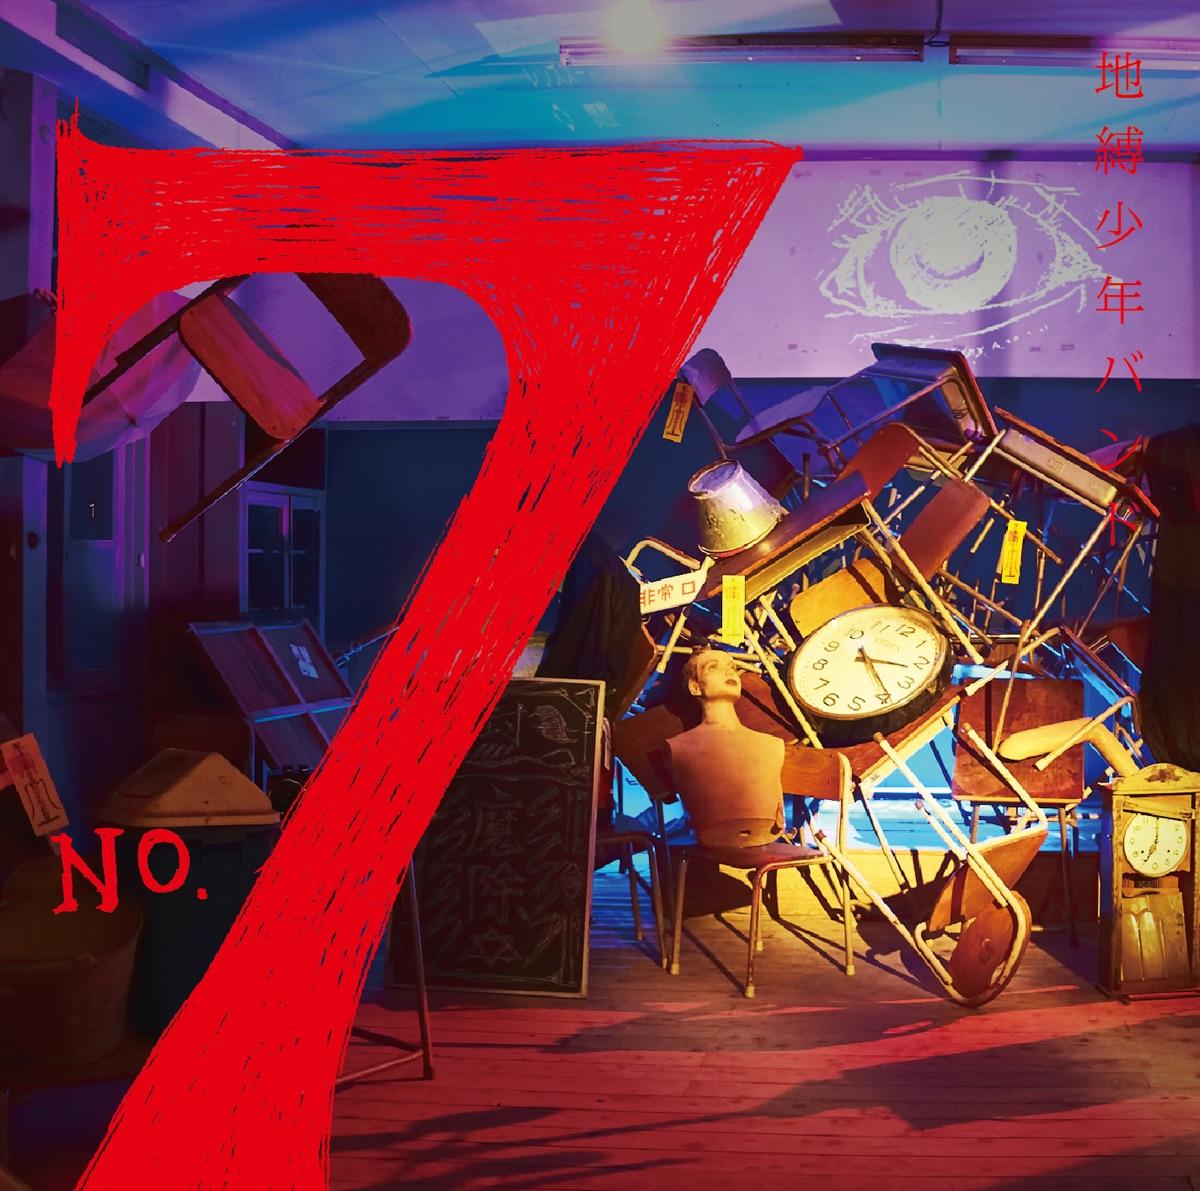 『地縛少年バンド(生田鷹司×オーイシマサヨシ×ZiNG) - No.7』収録の『No.7』ジャケット